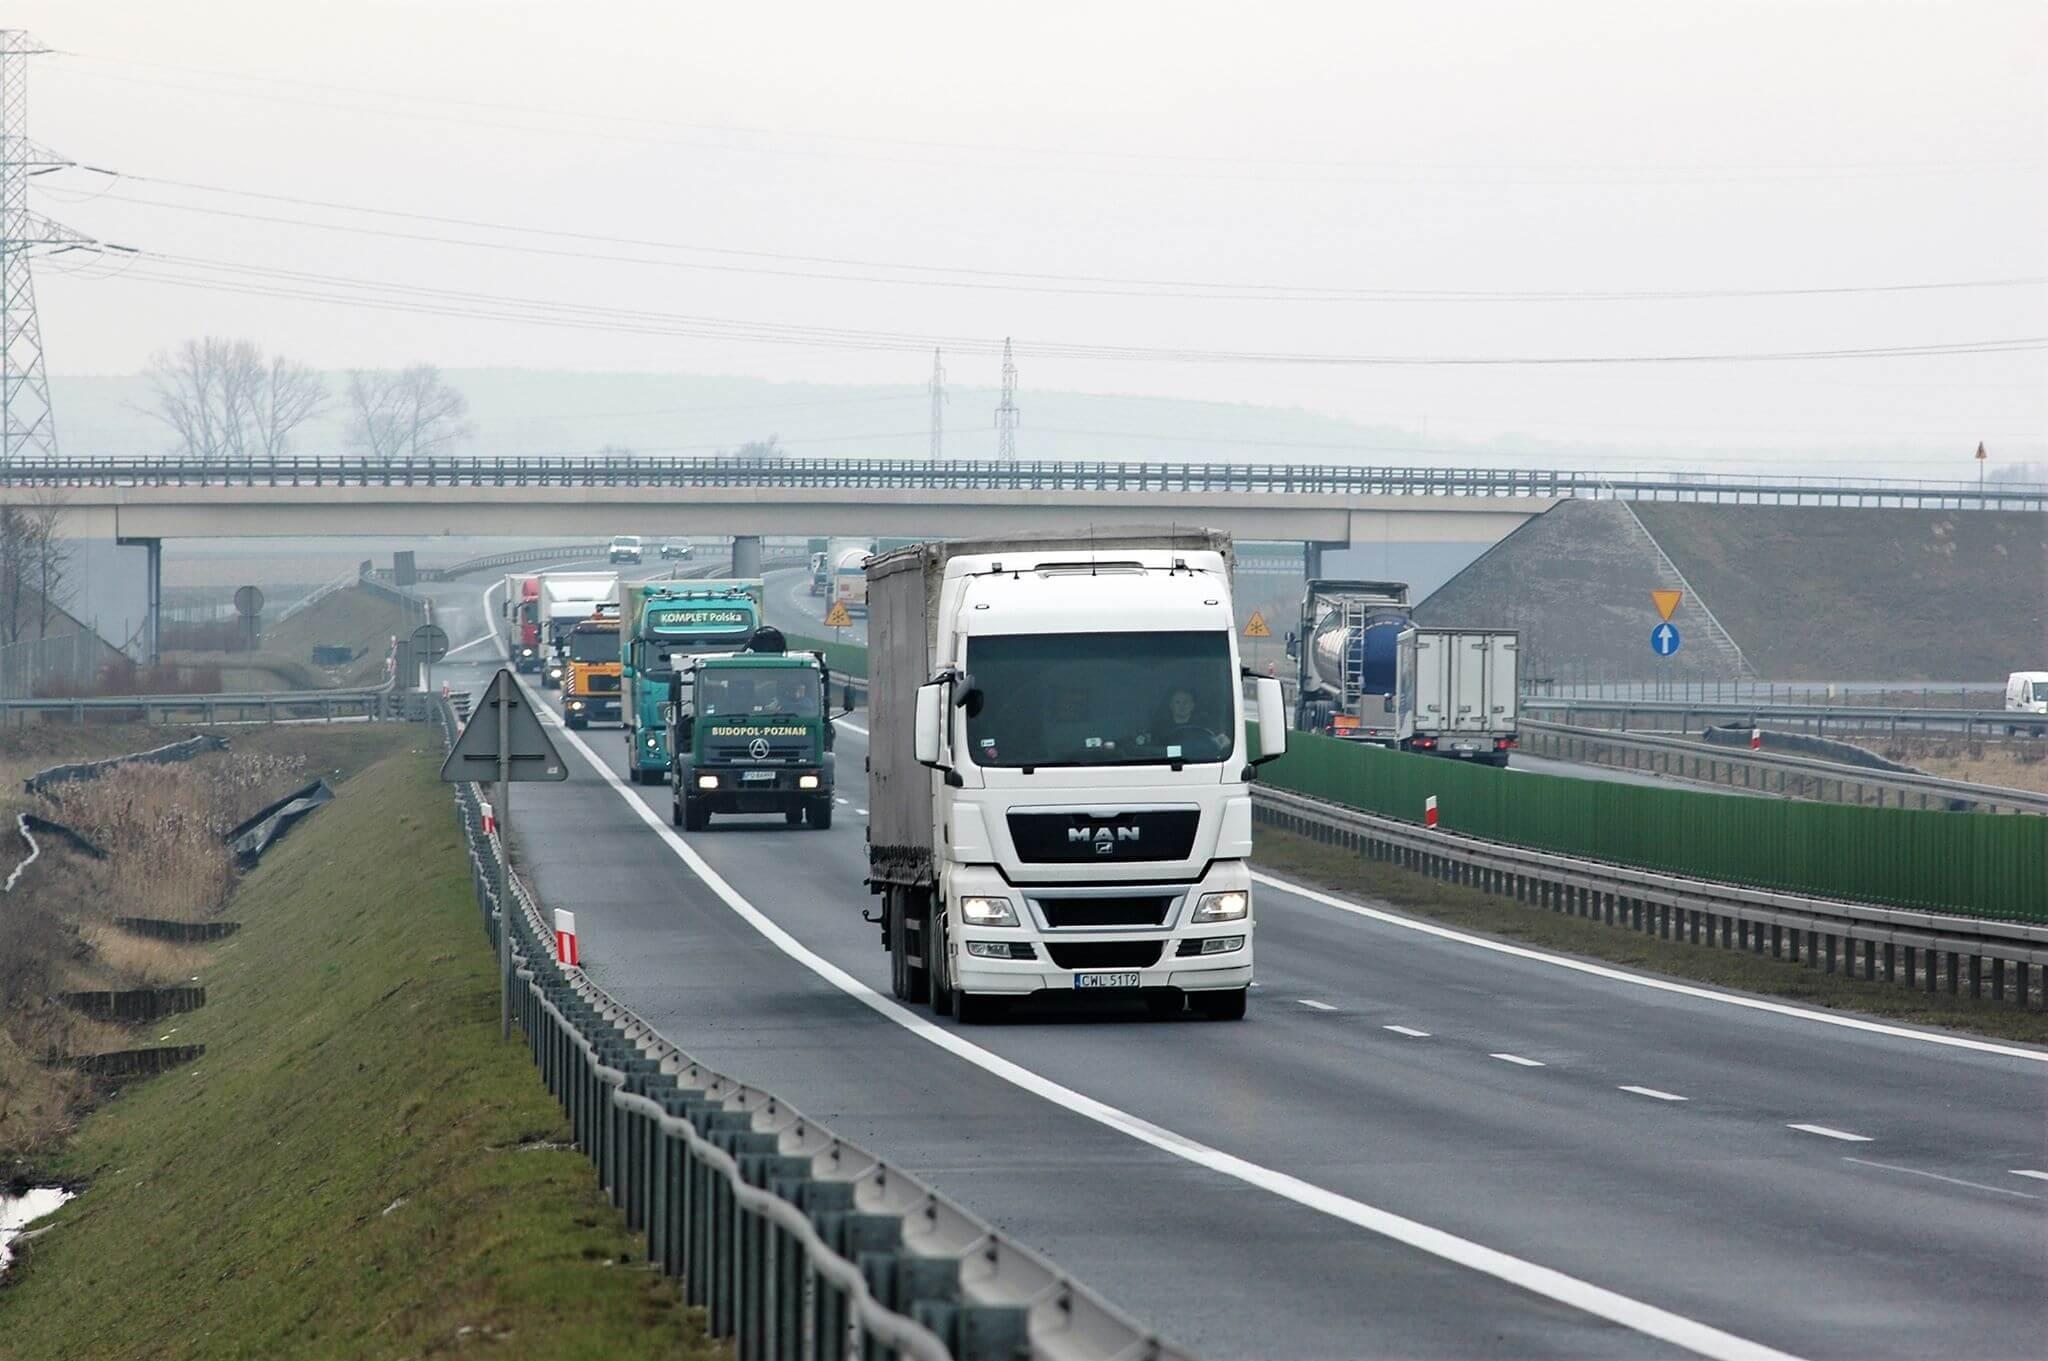 Uniunea Europeană lansează un portal destinat informarii privind transportul în perioada post-Covid